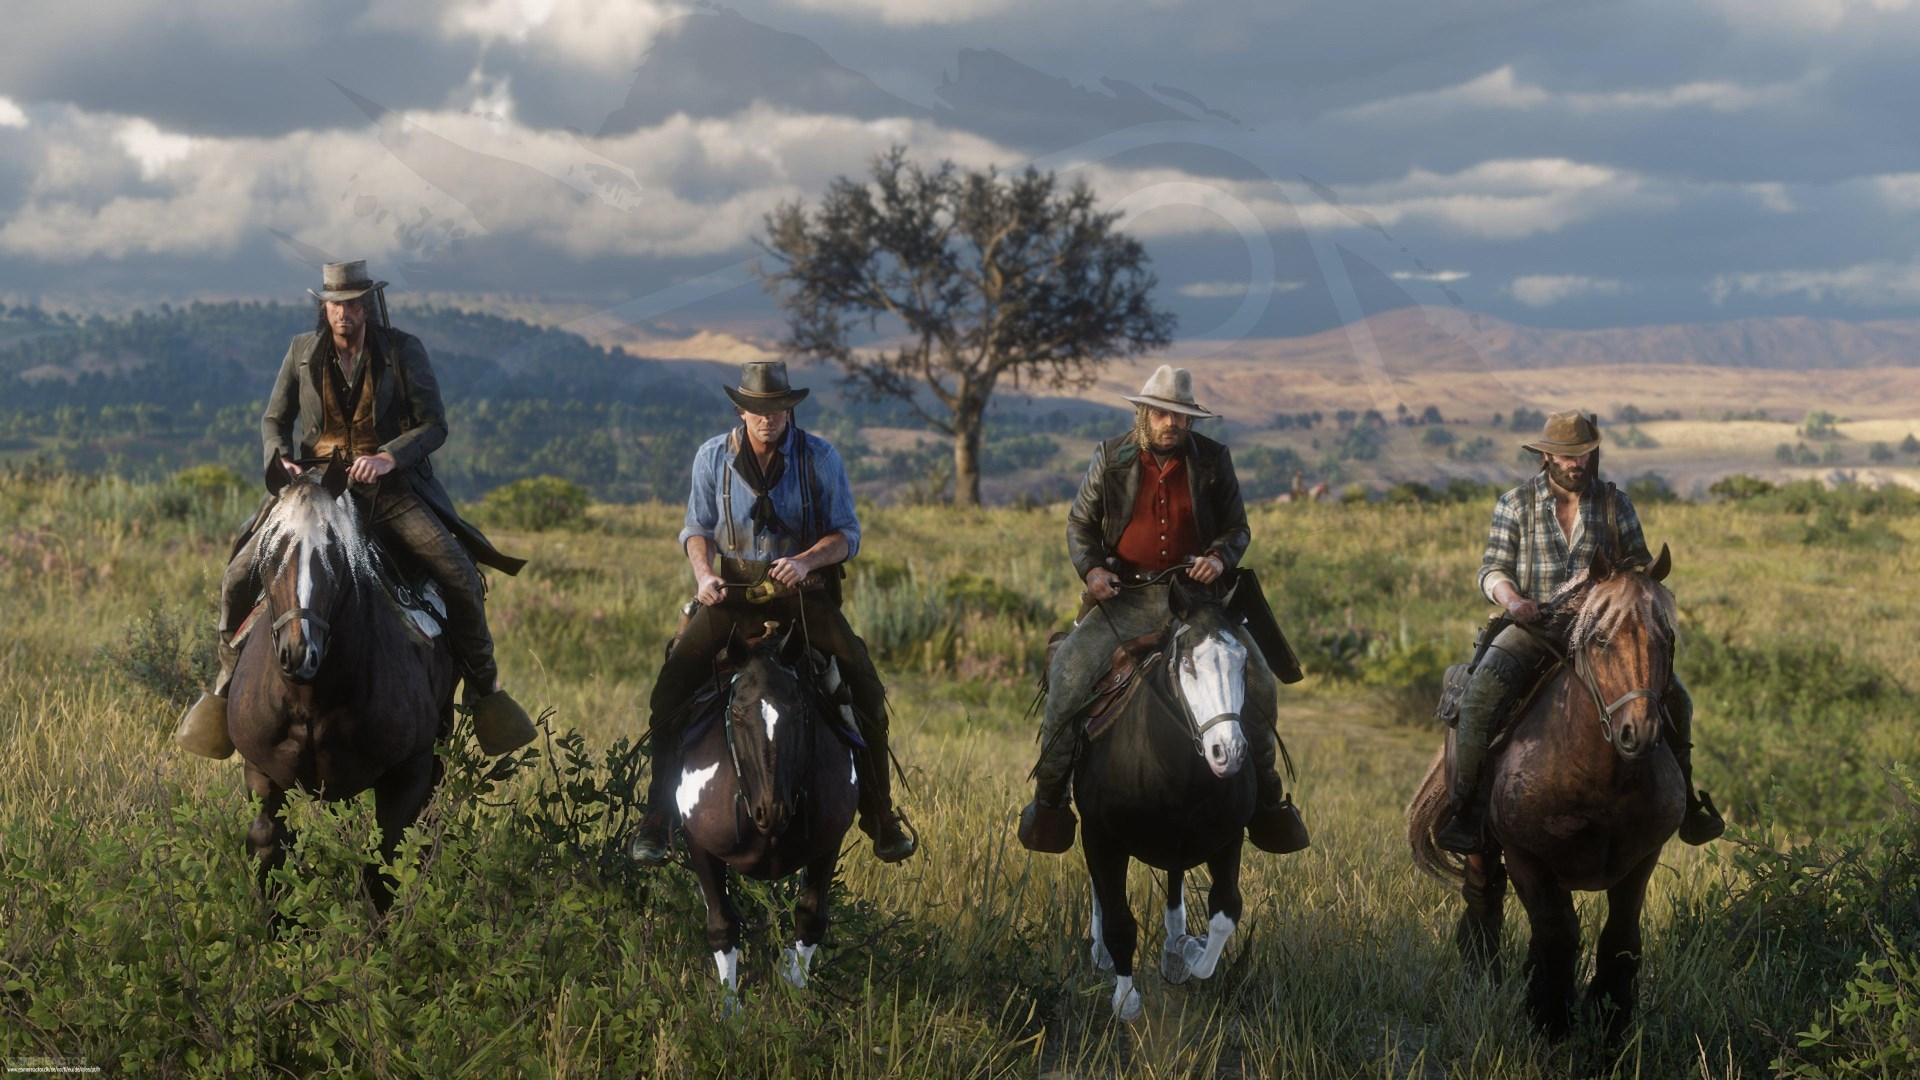 Una captura de Red Dead Redemption II en la que se ven cuatro jinetes.